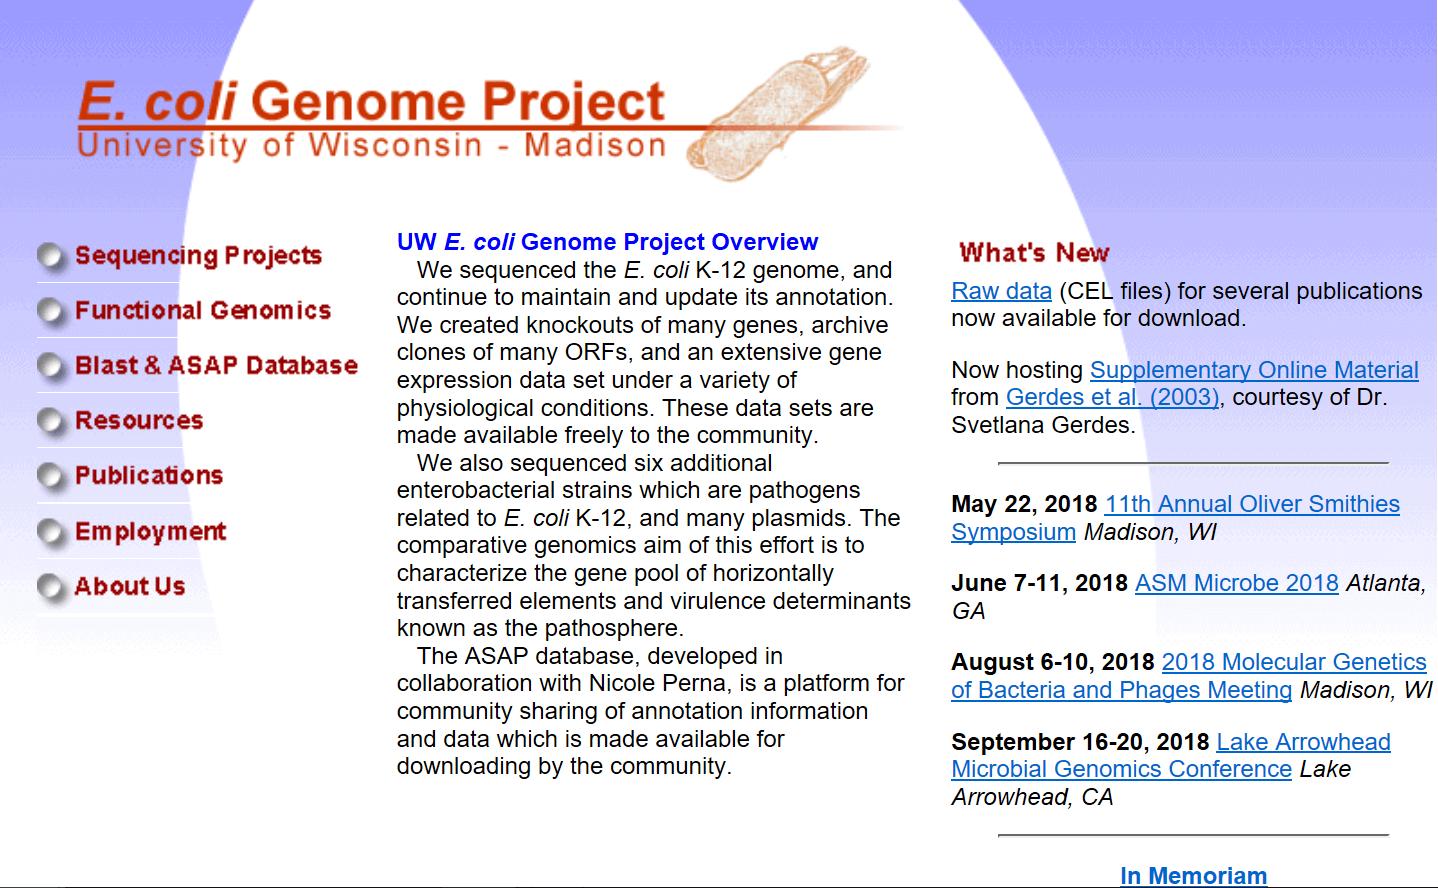 Fig.5. E.coli Genome Project